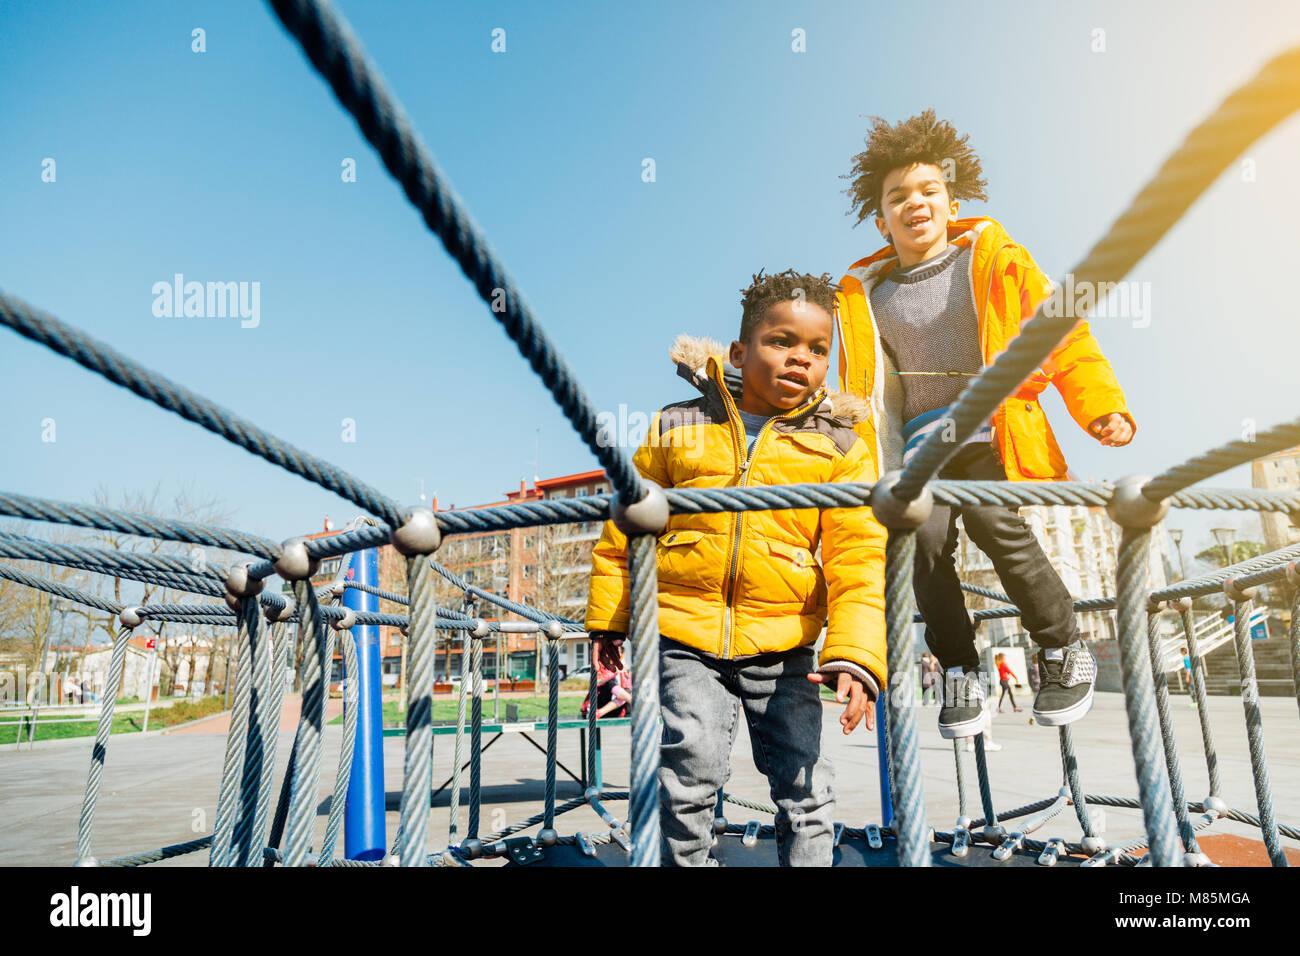 Deux enfants avec manteaux jaune élastique sautant sur lit dans une aire de jeux dans une journée ensoleillée Photo Stock